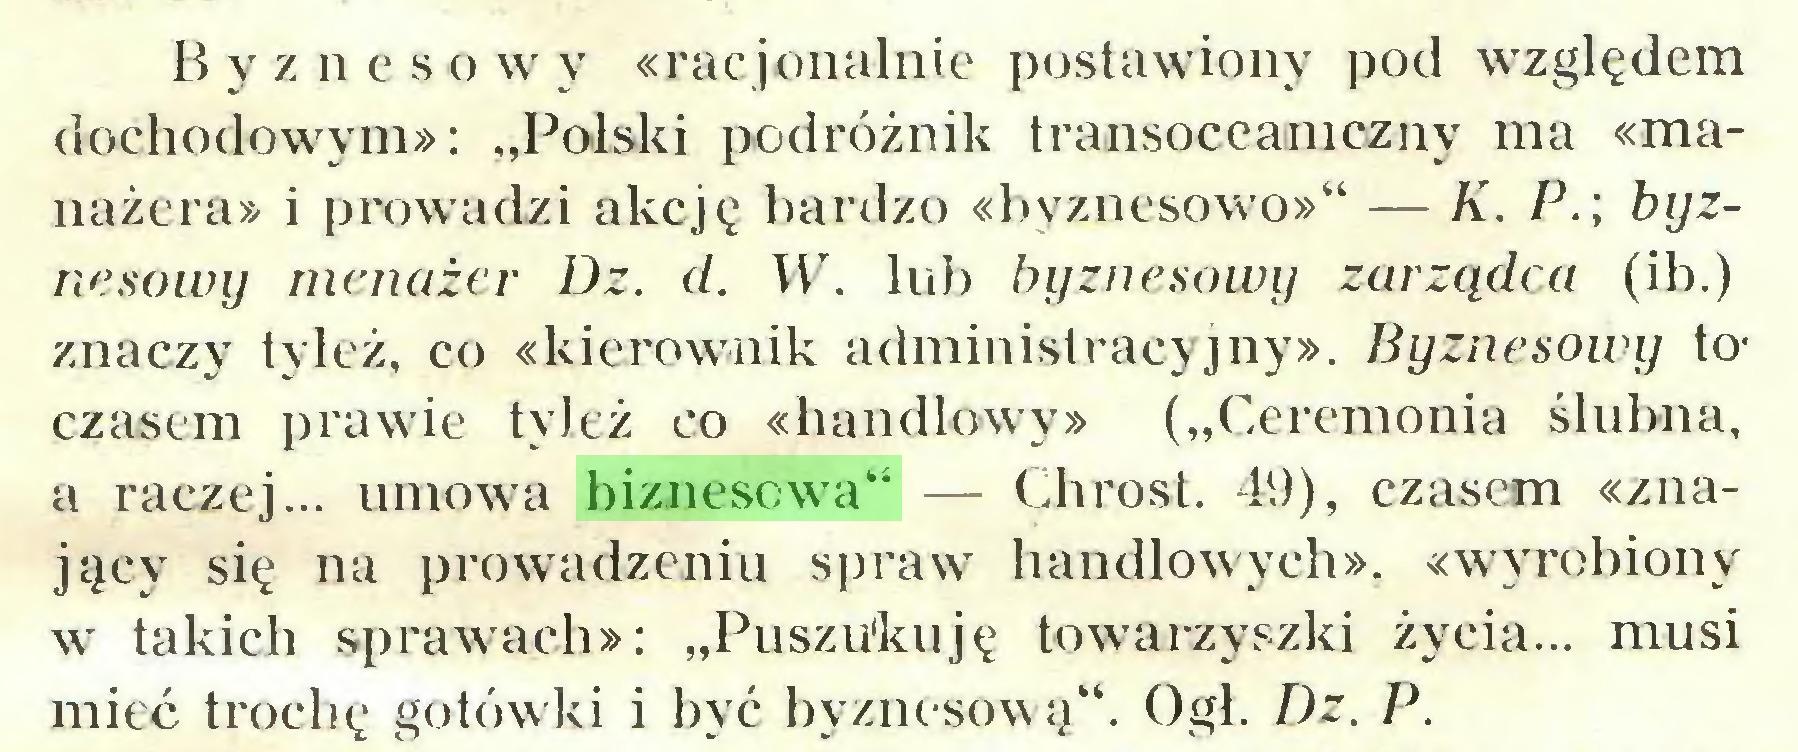 """(...) Byznc s o w y «racjonalnie postawiony pod względem dochodowym»: """"Polski podróżnik transoceaniczny ma «manażcra» i prowadzi akcję bardzo «byznesowo»"""" — K. P.\ byznesowy menażer Dz. d. W. lub byznesowy zarządca (ib.) znaczy tyleż, co «kierownik administracyjny». Byznesowy toczasem prawie tyleż co «handlowy» (""""Ceremonia ślubna, a raczej... umowa biznesowa"""" — Chrost. 49), czasem «znający się na prowadzeniu spraw handlowych», «wyrobiony w takich sprawach»: """"Puszukuję towarzyszki życia... musi mieć trochę gotówki i być byznesową"""". Ogl. Dz. P..."""